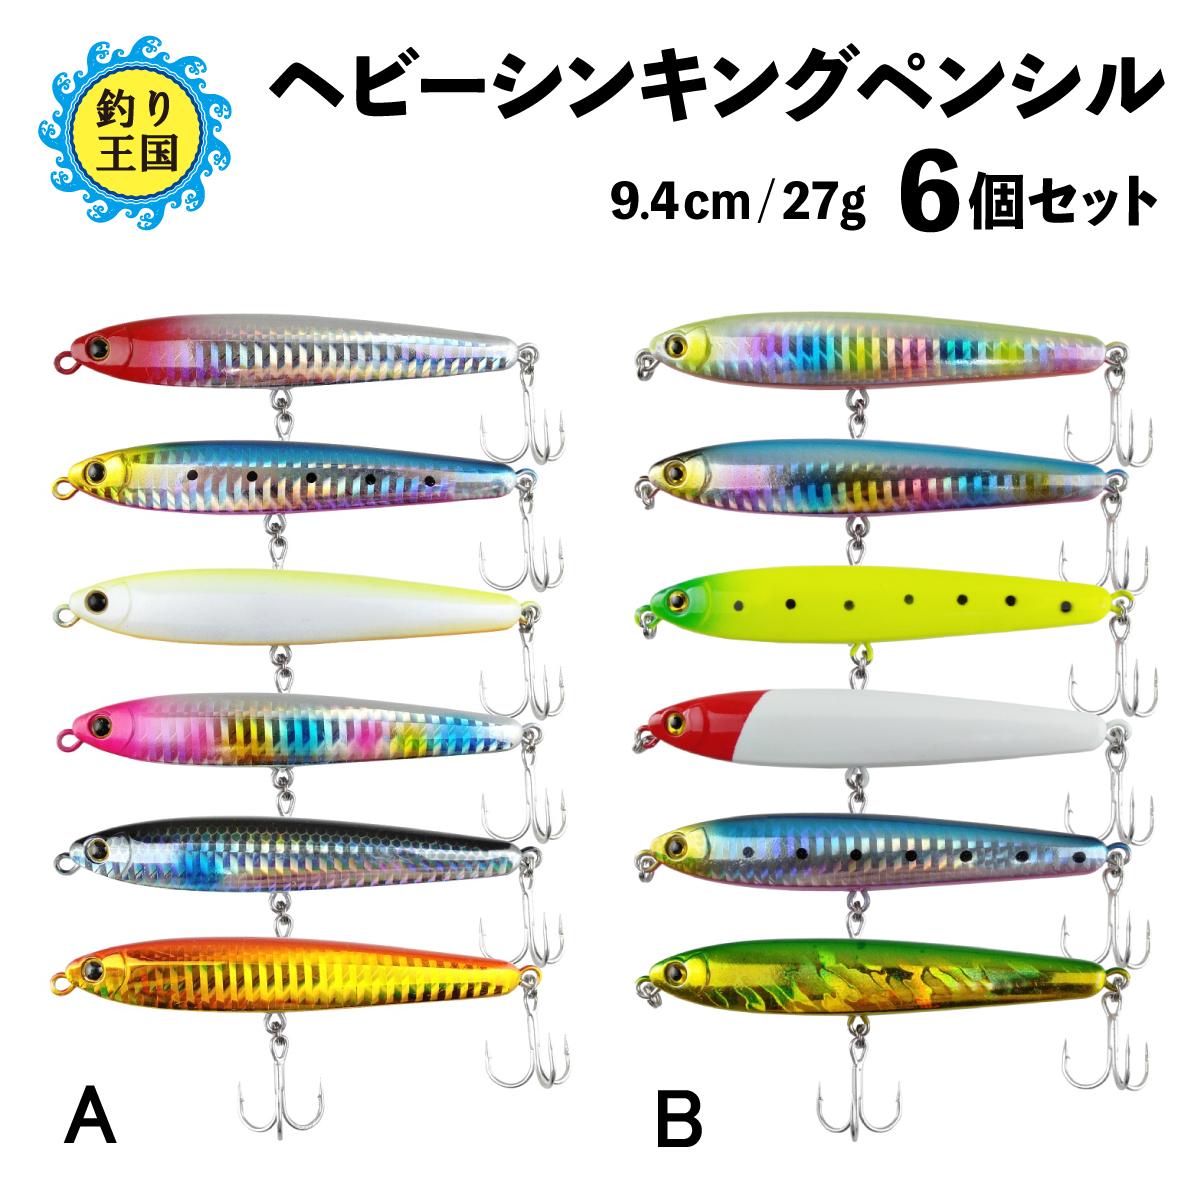 ルアーセット 海釣り 太刀魚 シーバス オルルド釣具 訳ありセール 格安 6個セット ヘビーシンキングペンシル 9.4cm タイムセール 27g